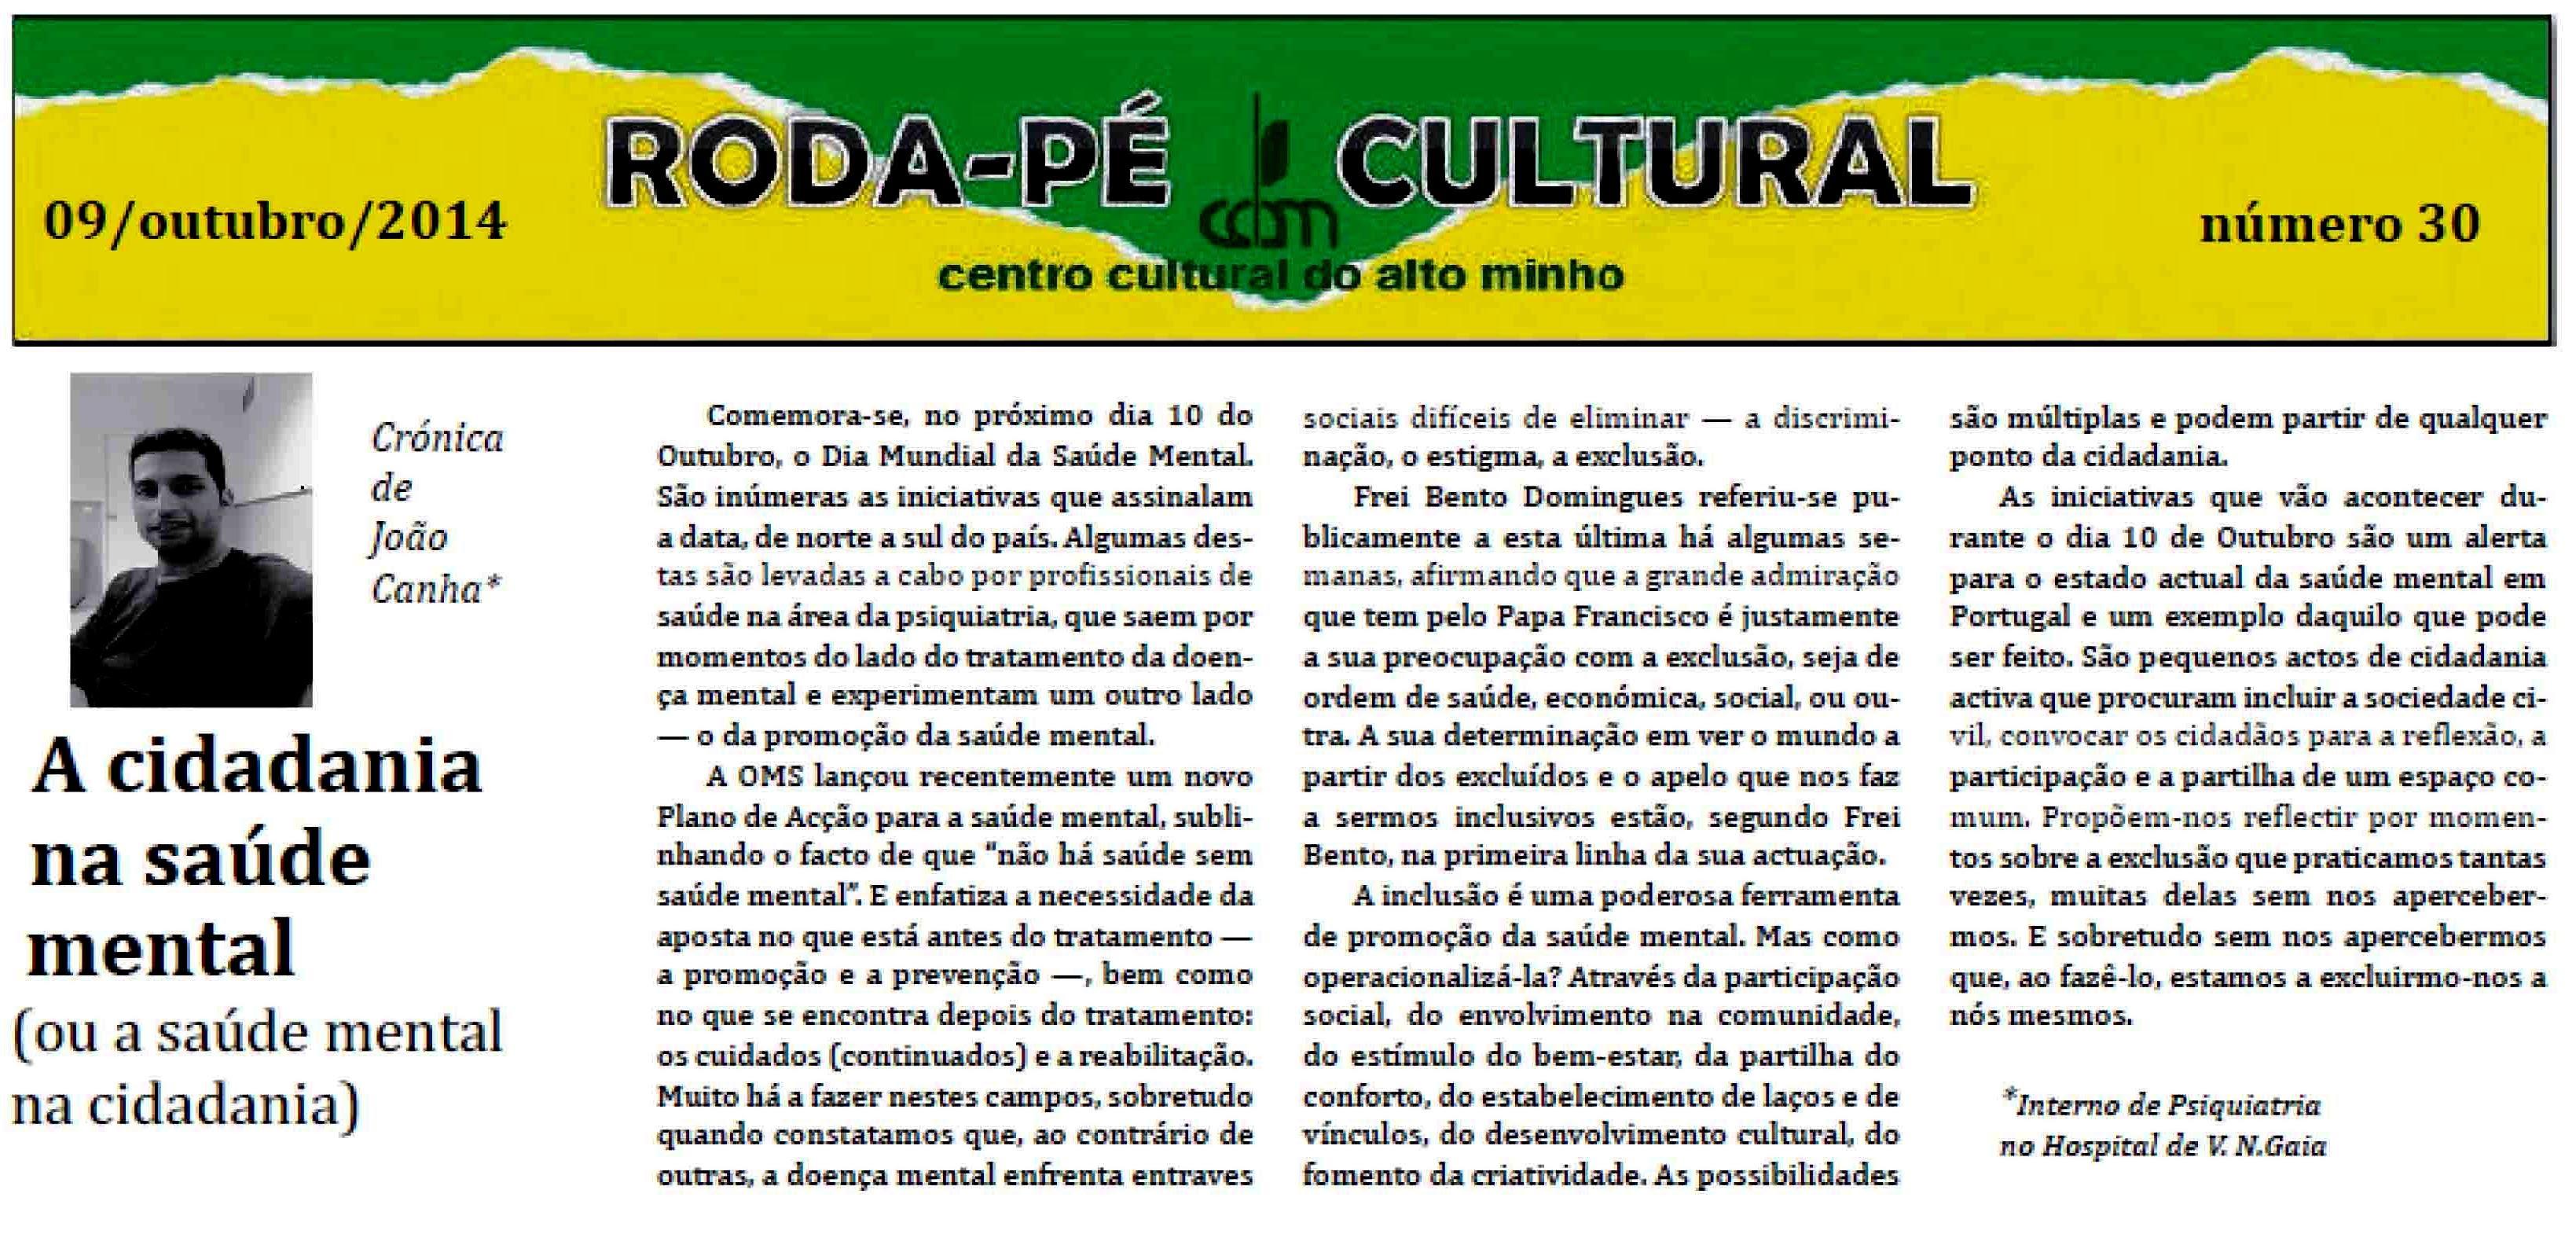 https://sites.google.com/a/centroculturaldoaltominho.org/ccam/actividades-realizadas/2014/Roda-P%C3%A9_30.jpg